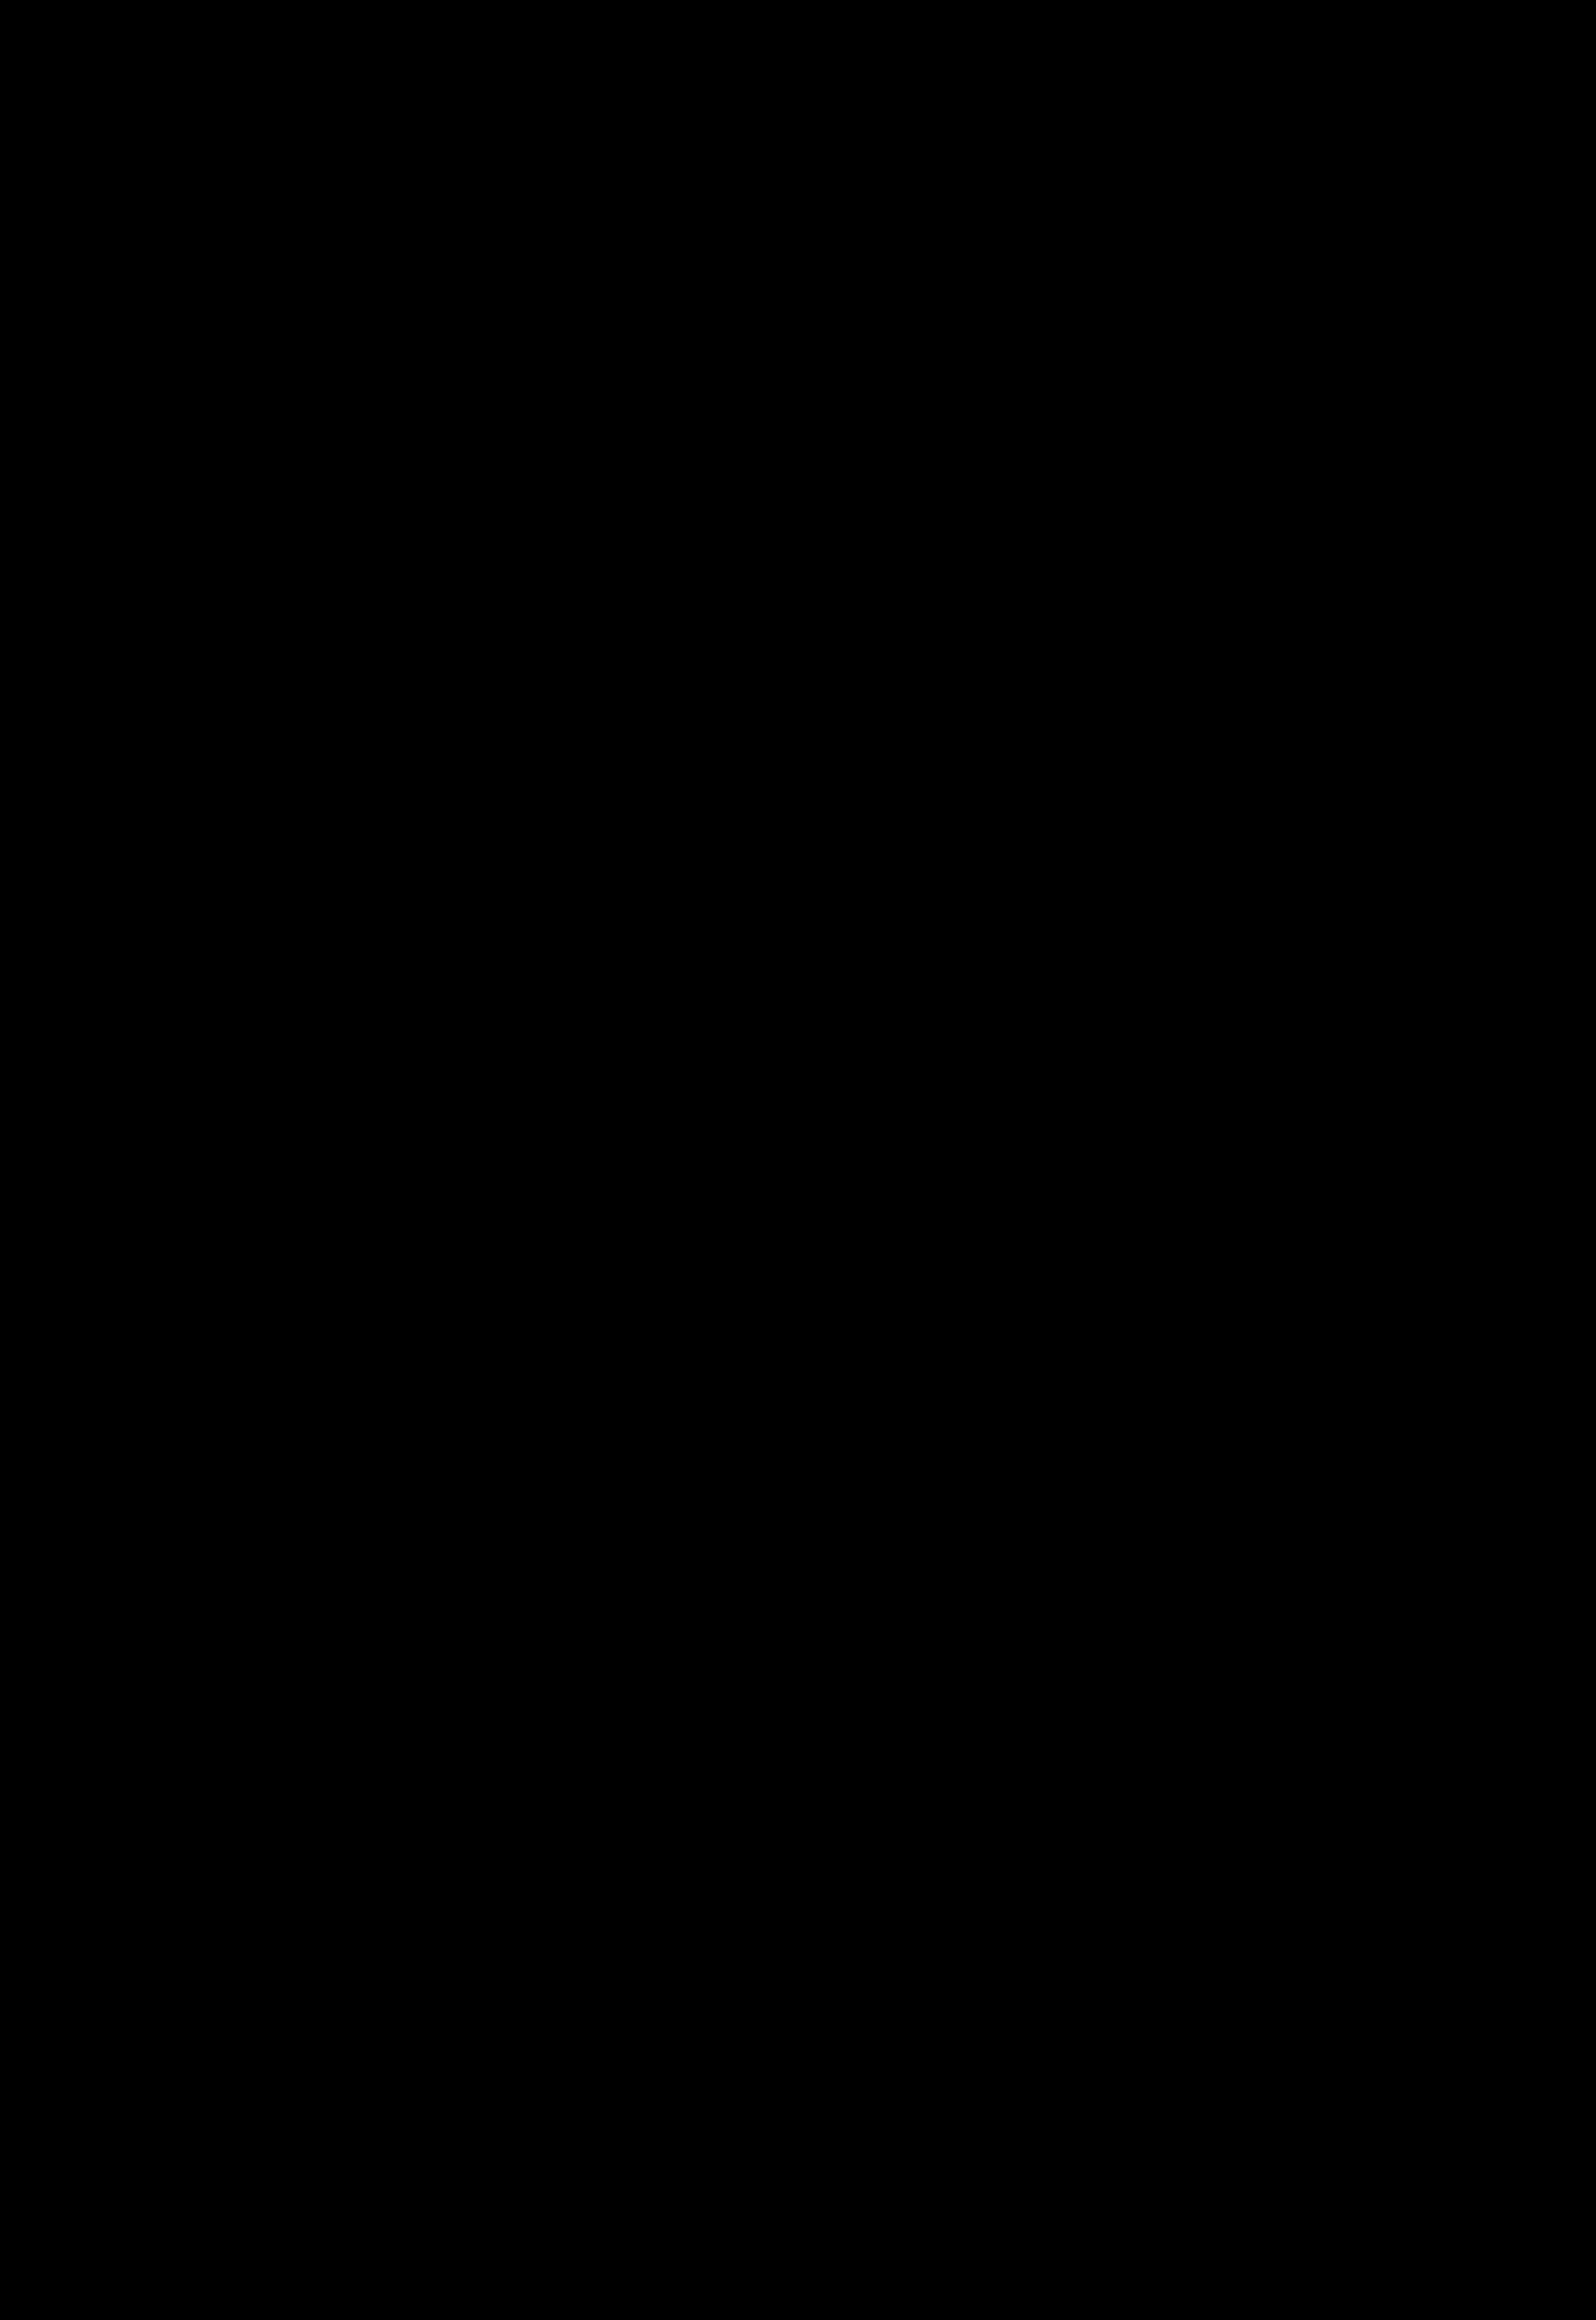 Gamochaeta stachydifolia image